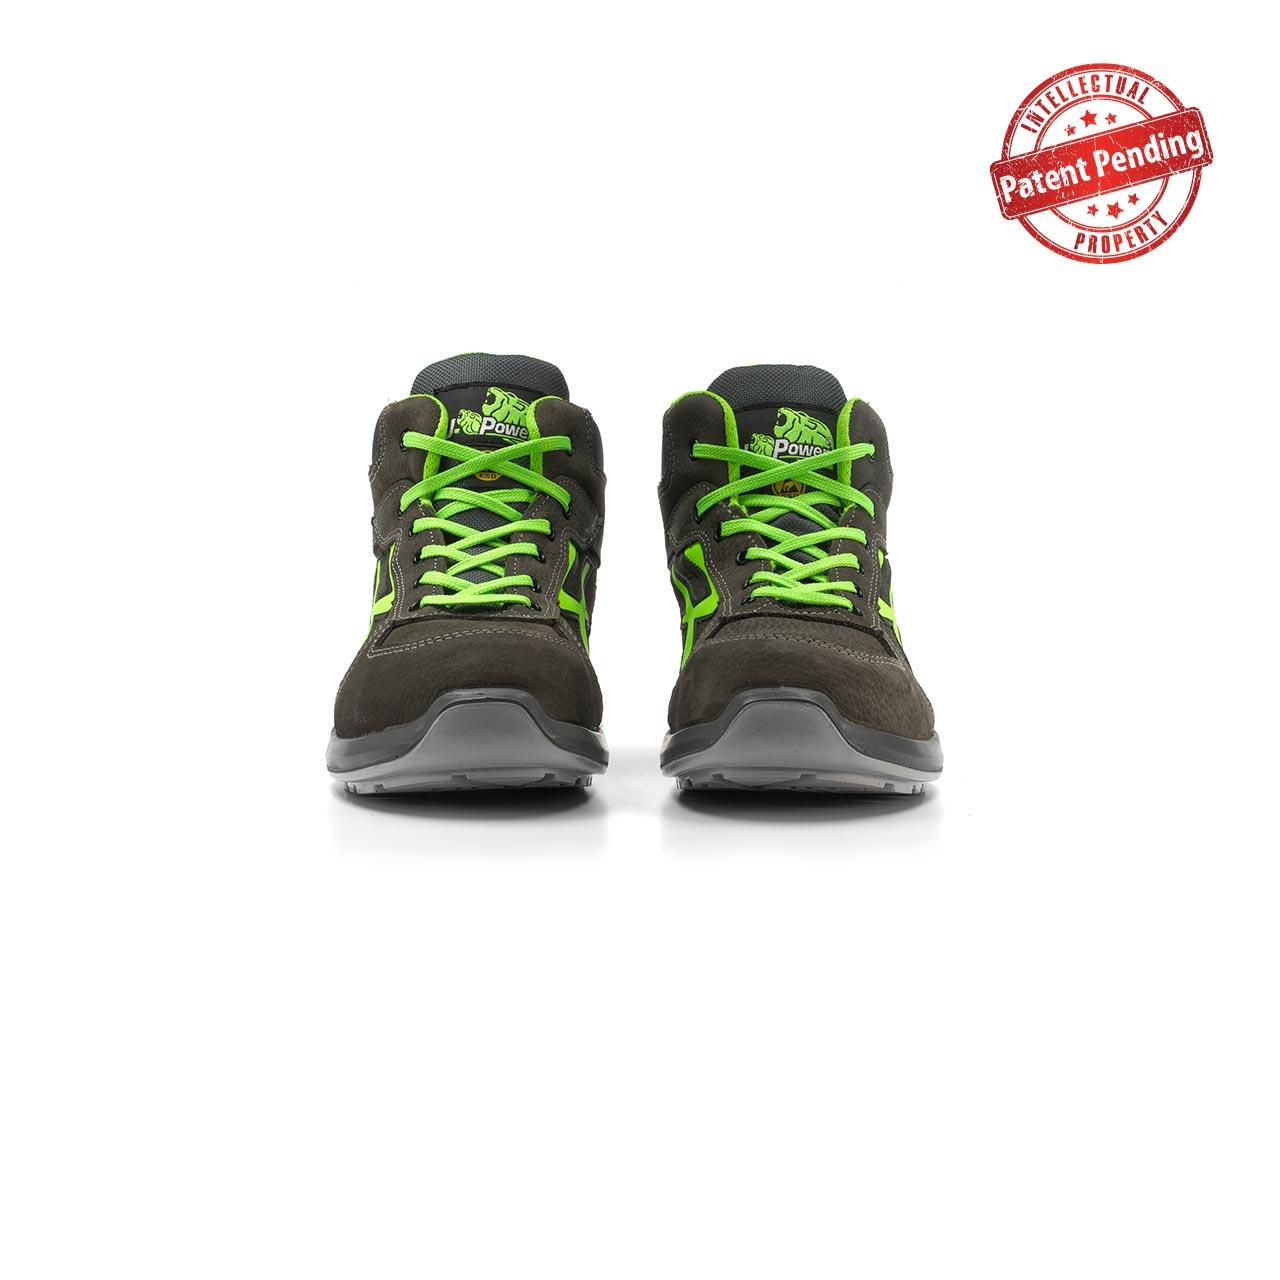 paio di scarpe antinfortunistiche alte upower modello aries linea redup vista frontale